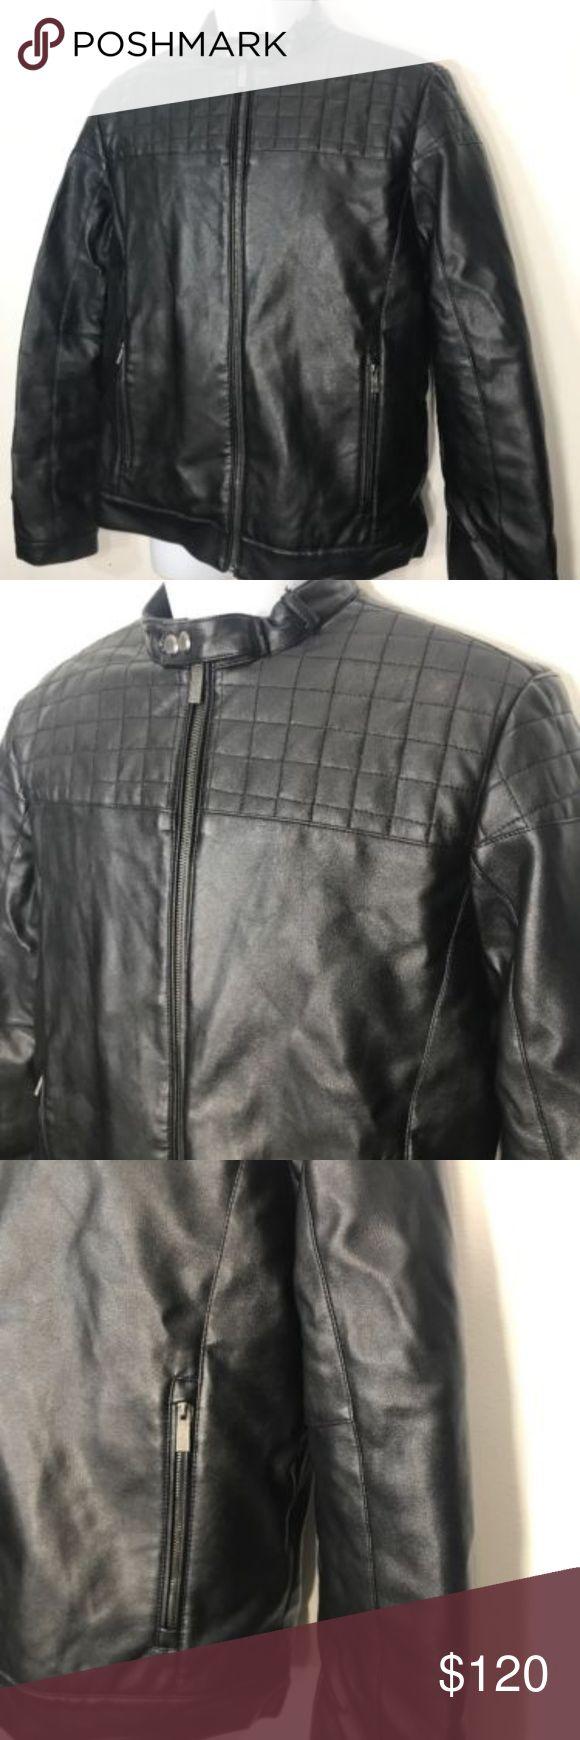 Men's Calvin Klein Leather Jacket Excellent Size M